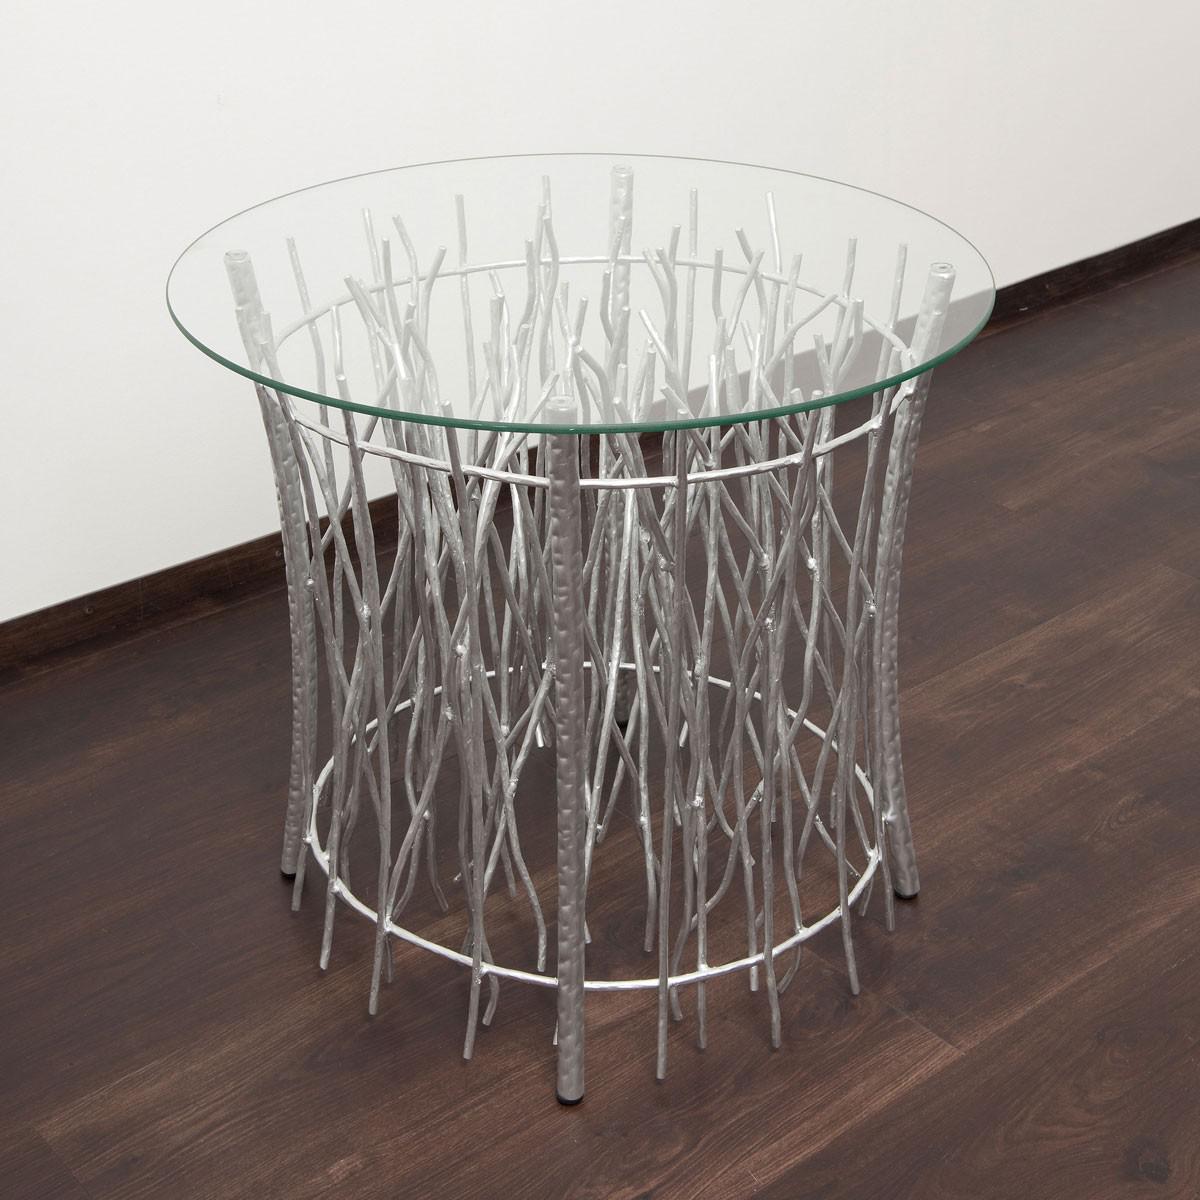 holl nder 280 k 2506 s tisch relitto rund metall glas silber kaufen bei licht design. Black Bedroom Furniture Sets. Home Design Ideas